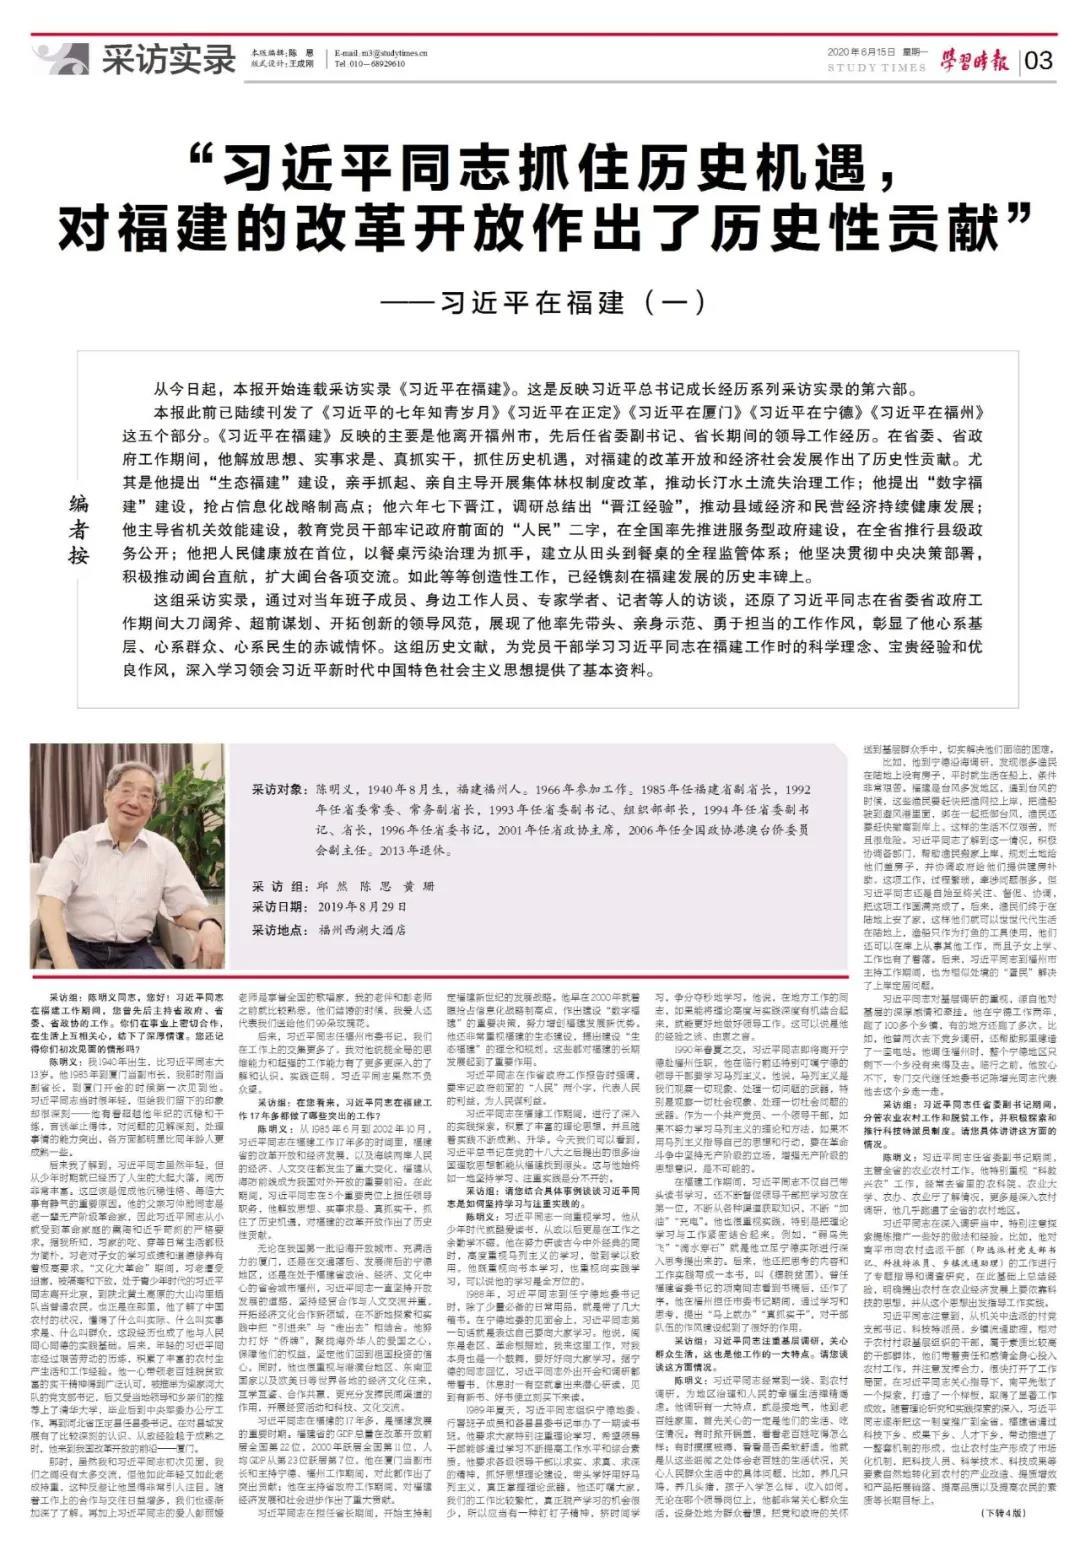 """习近平在福建(一):""""习近平同志抓住历史机遇,对福建的改革开放作出了历史性贡献"""""""